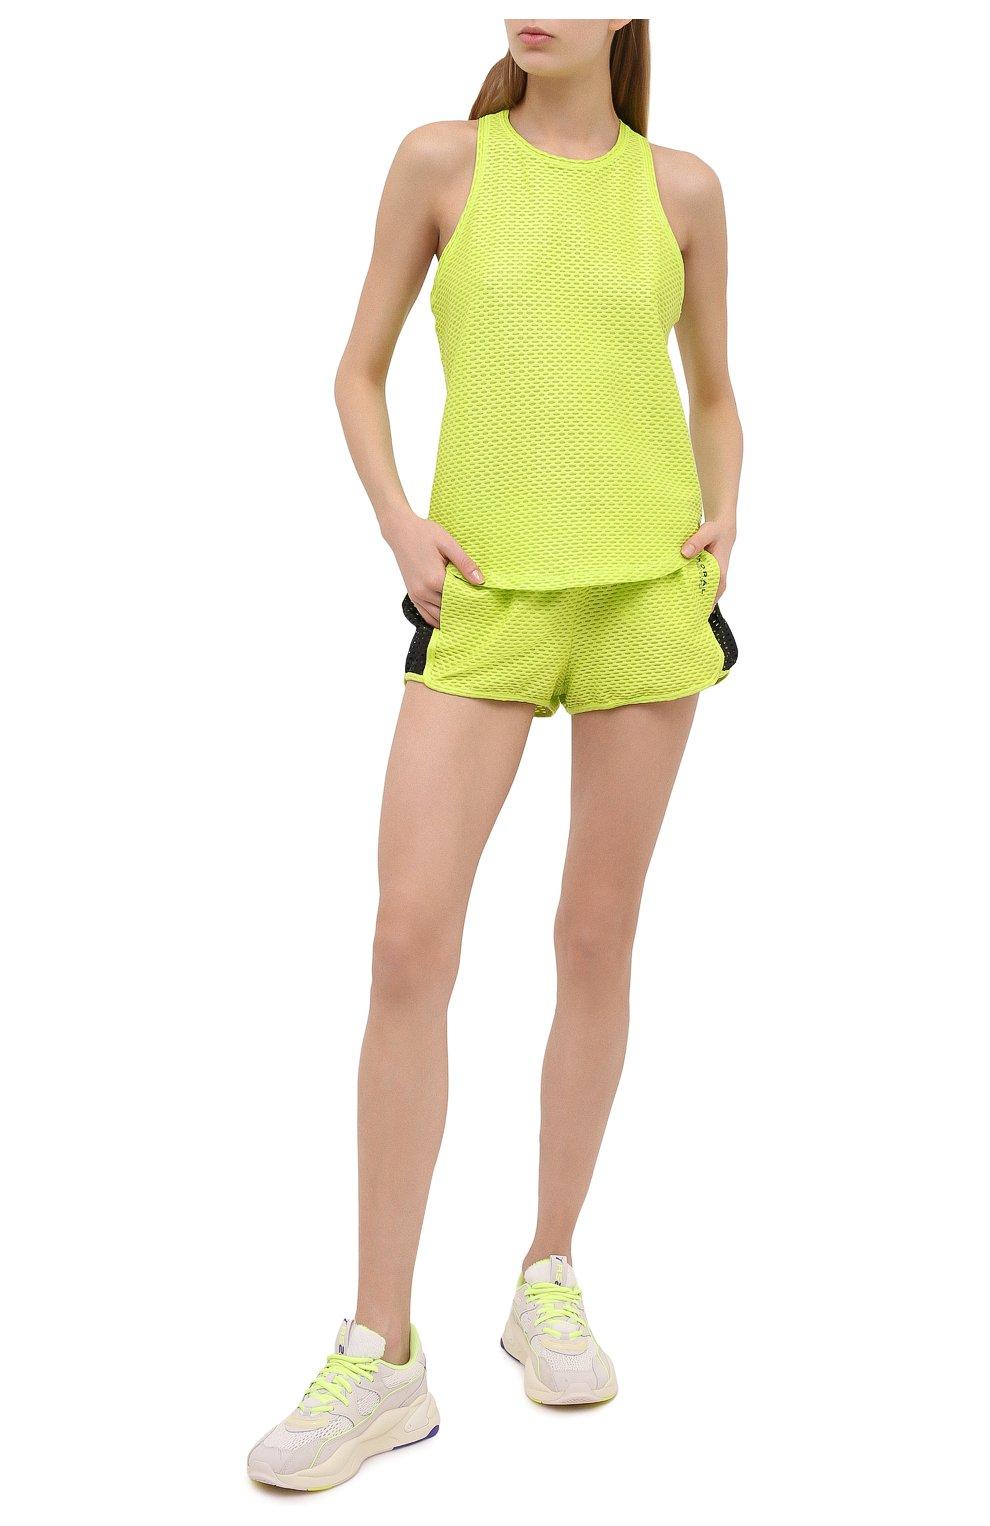 Женские шорты KORAL светло-зеленого цвета, арт. A2526K09 | Фото 2 (Длина Ж (юбки, платья, шорты): Мини; Кросс-КТ: Спорт; Материал внешний: Синтетический материал; Женское Кросс-КТ: Шорты-спорт)